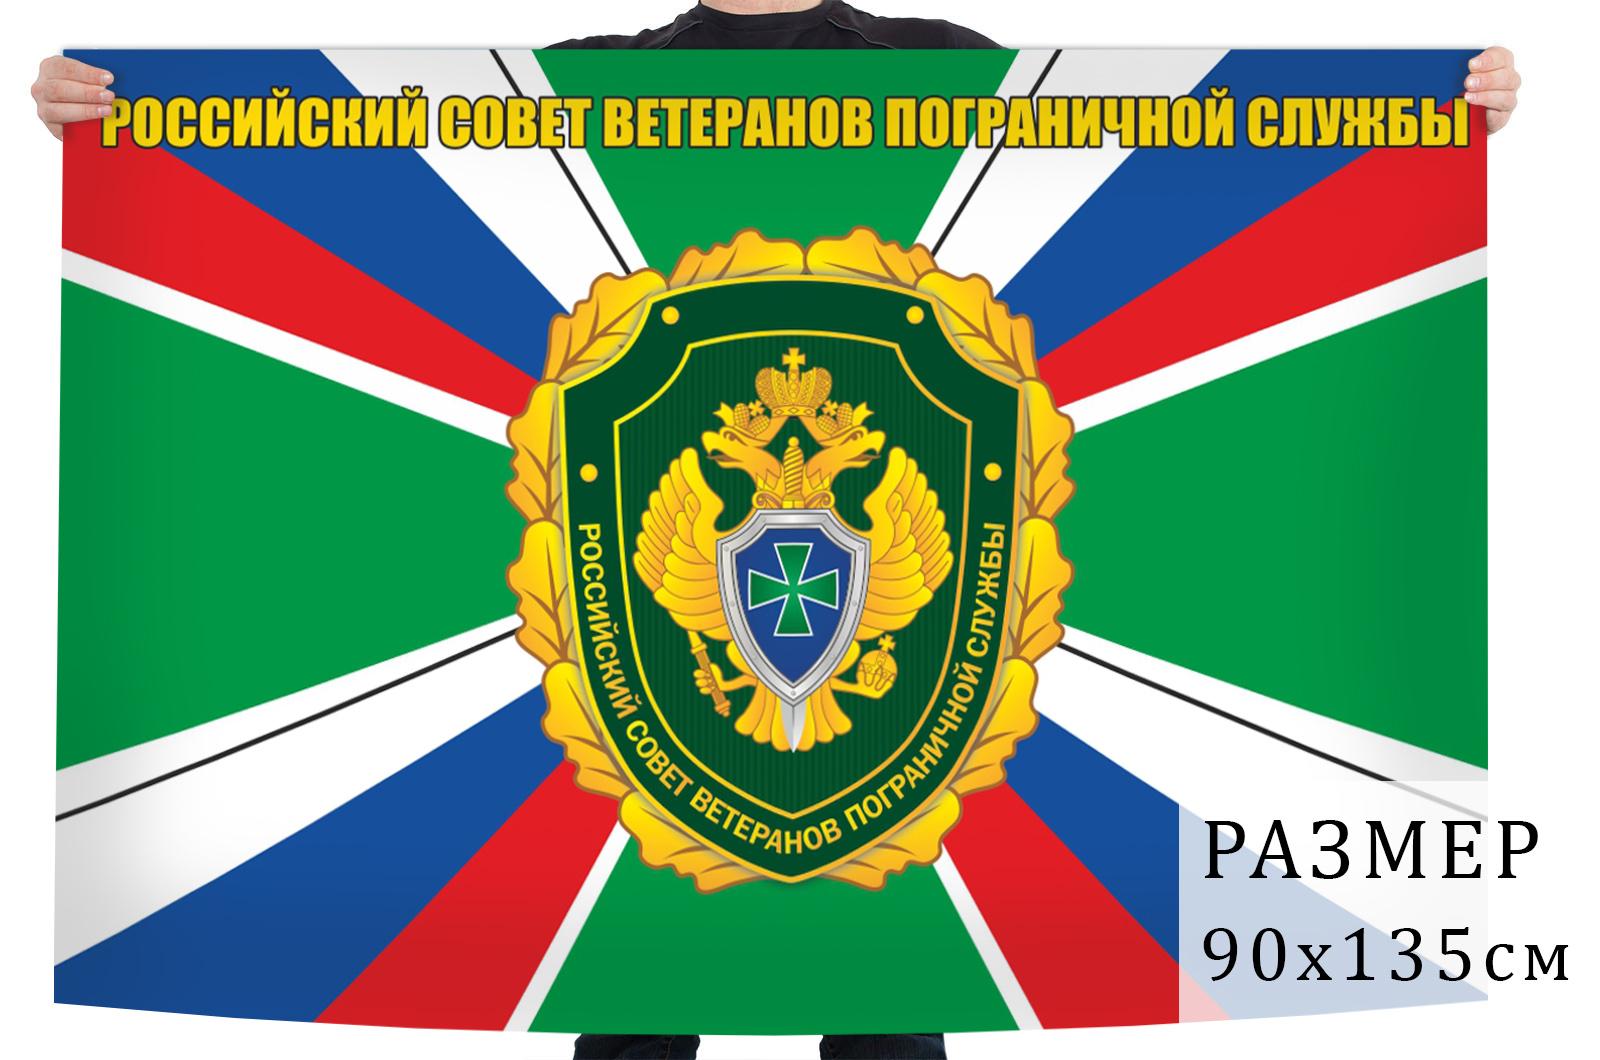 Флаг Российский совет ветеранов Пограничной службы